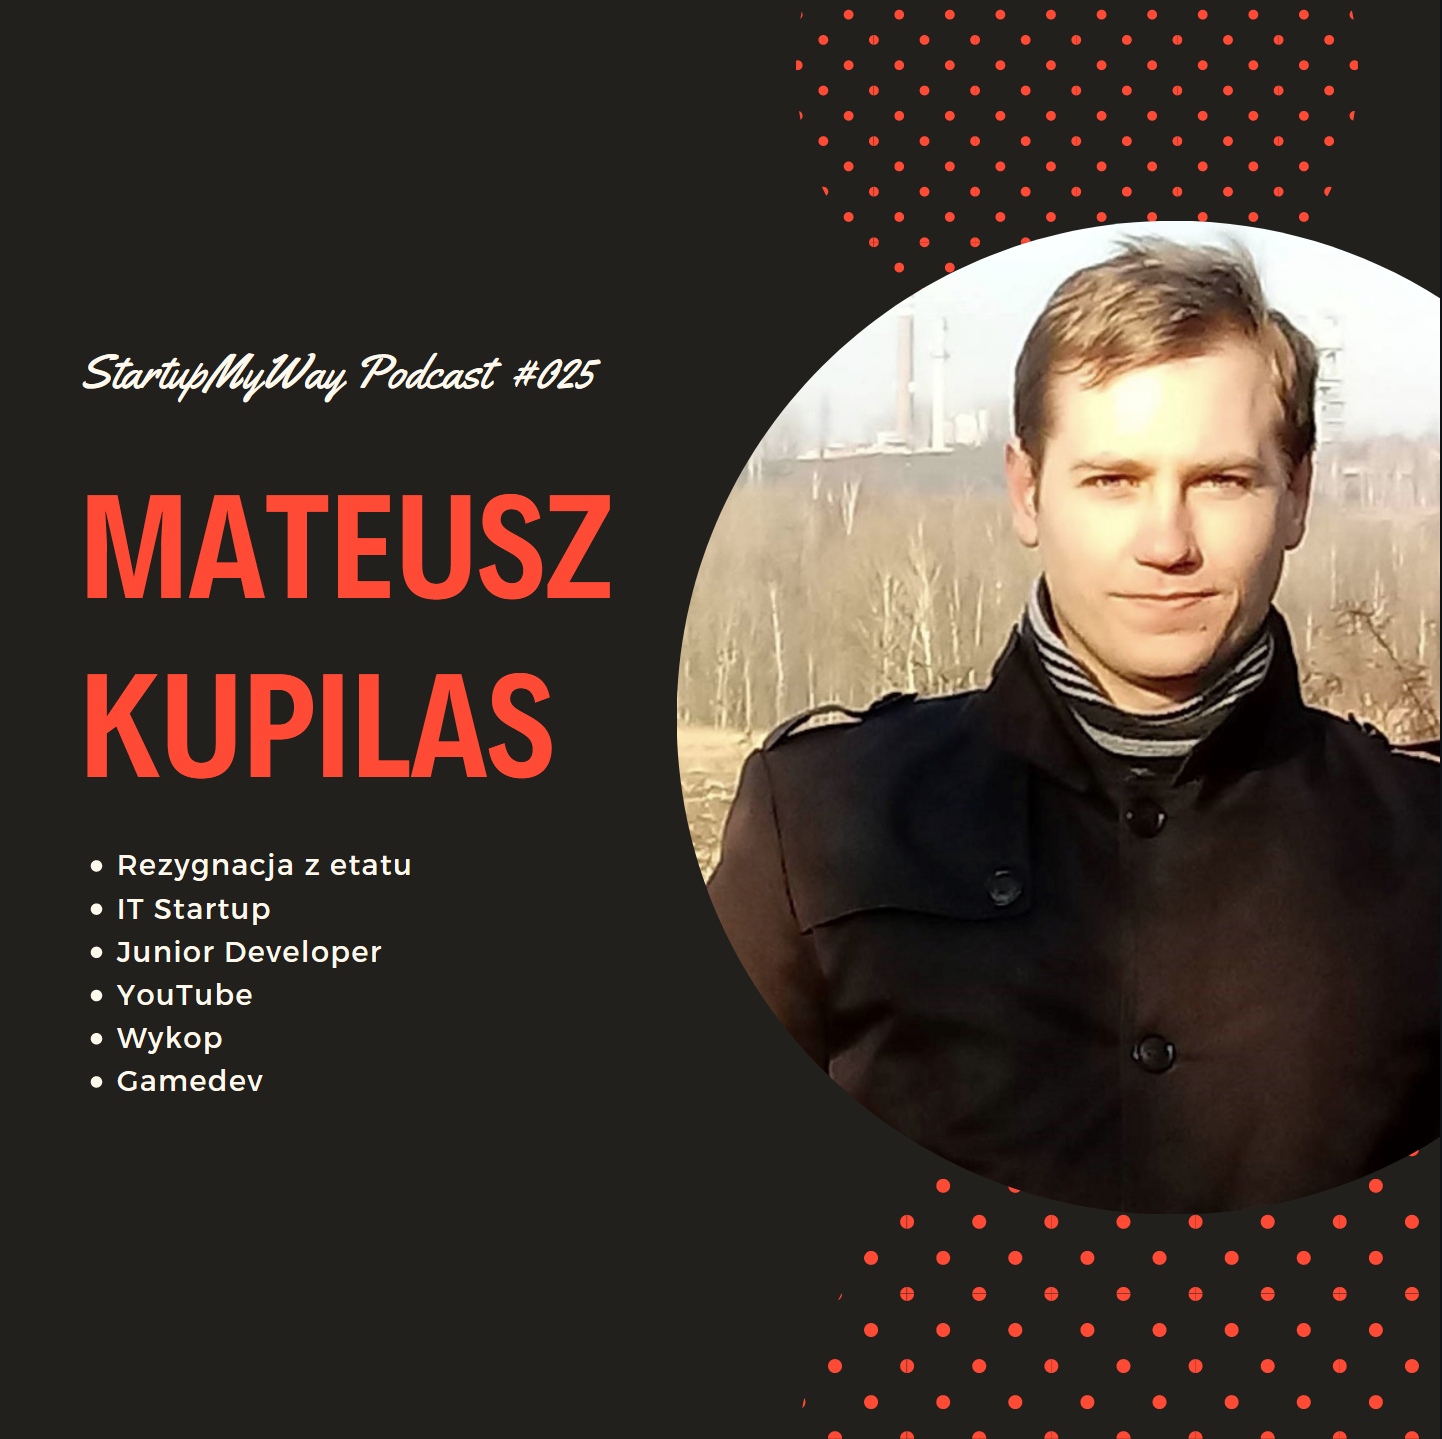 Podcast z Mateuszem Kupilasem